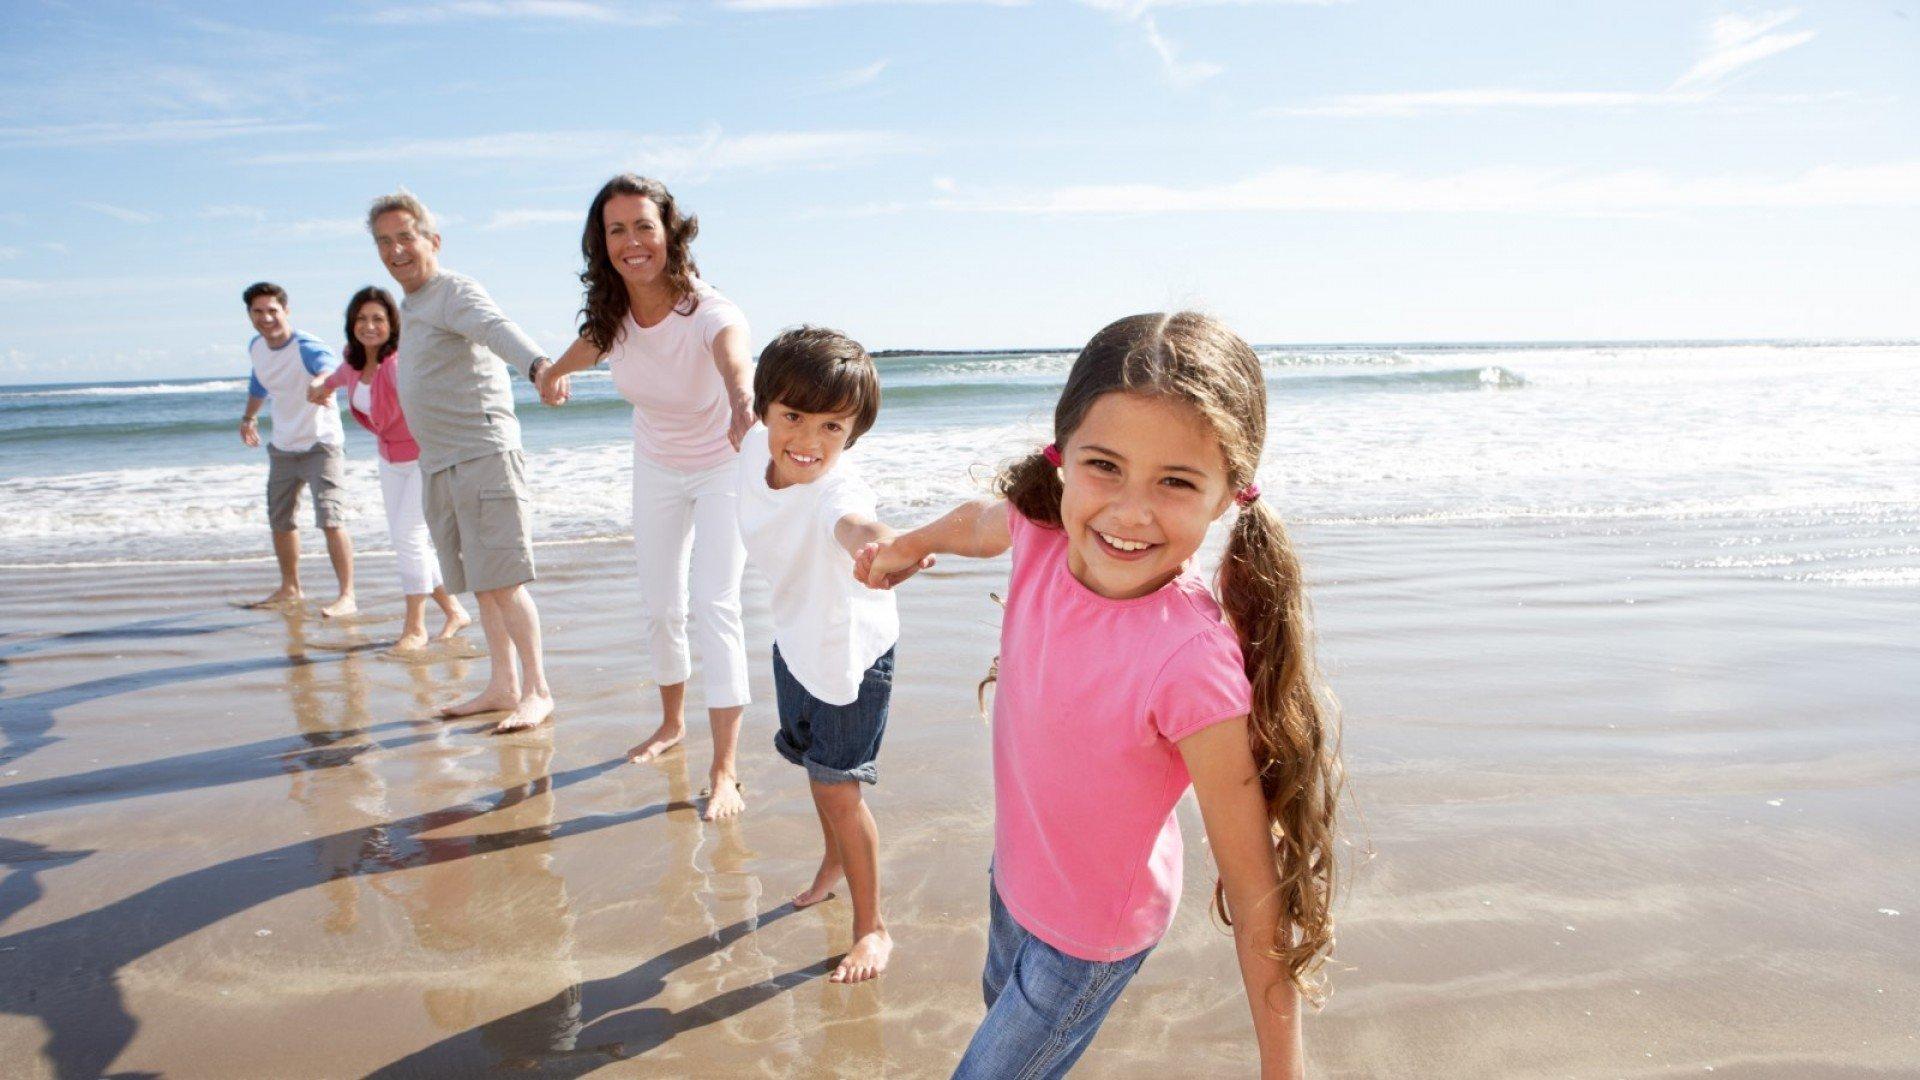 Majówka nad morzem - cudowny rodzinny weekend nad morzem